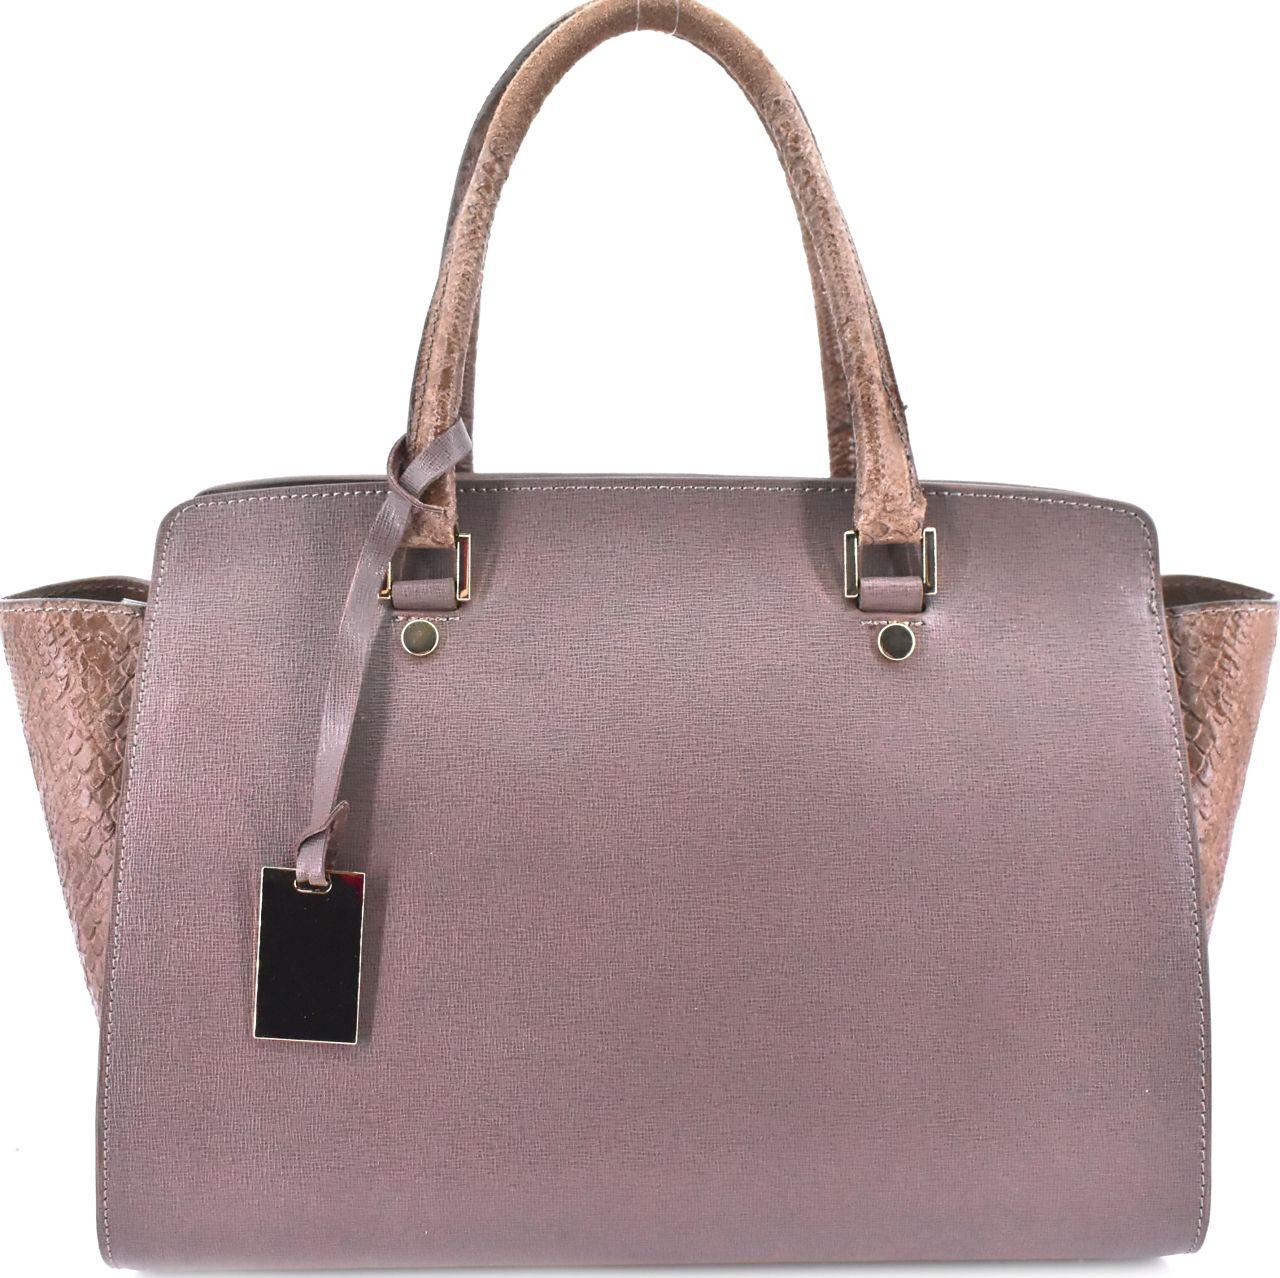 Luxusní dámská kožená kabelka Shopper - taupe 31015